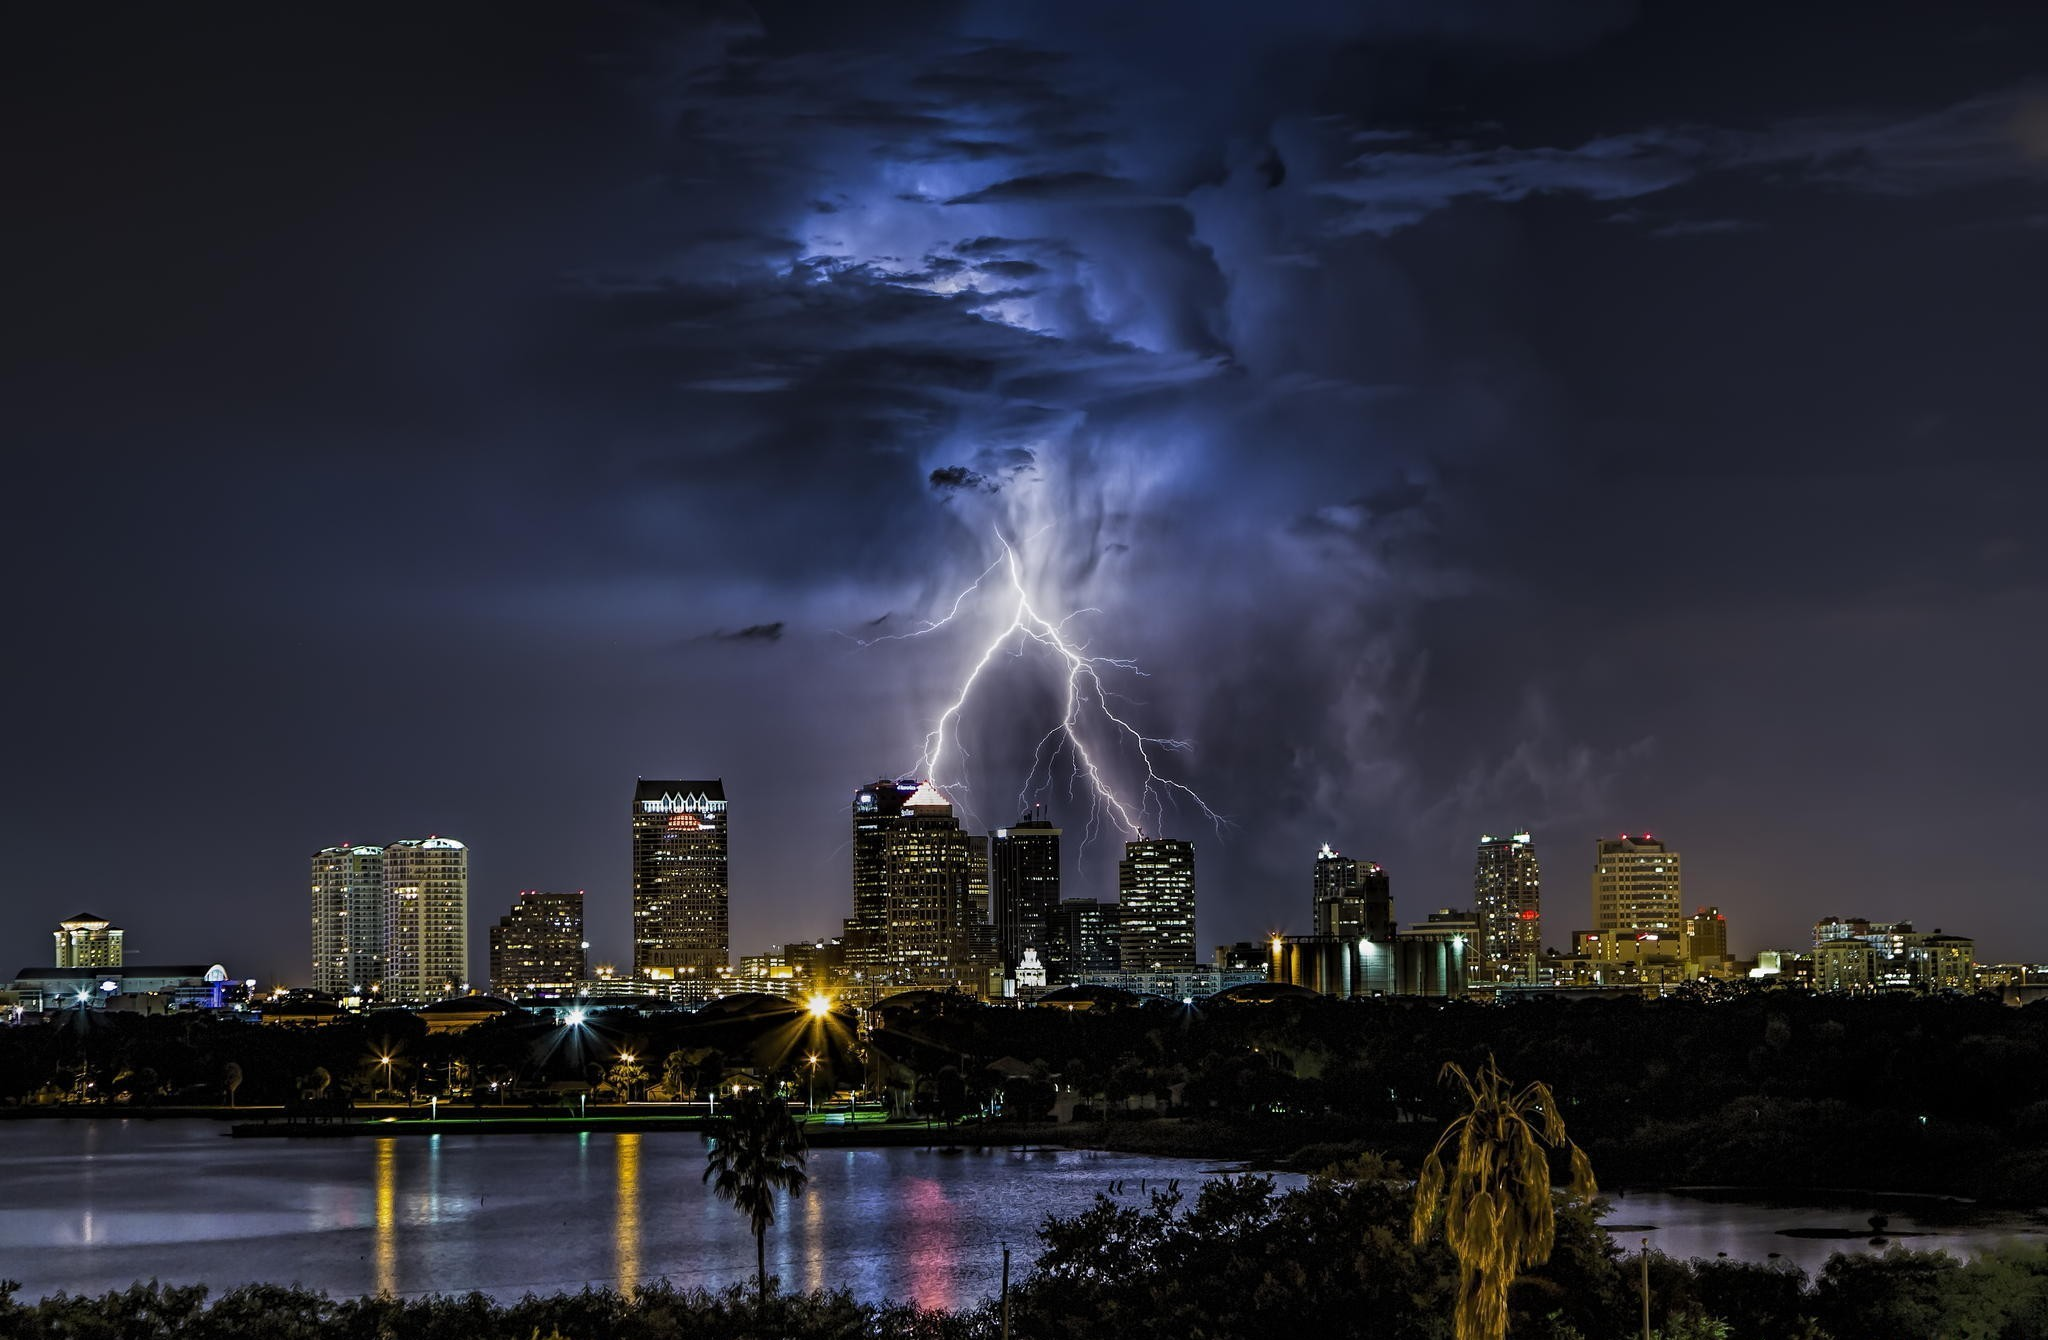 Tampa florida hd wallpaper background image 2048x1340 - Tampa bay lightning wallpaper ...